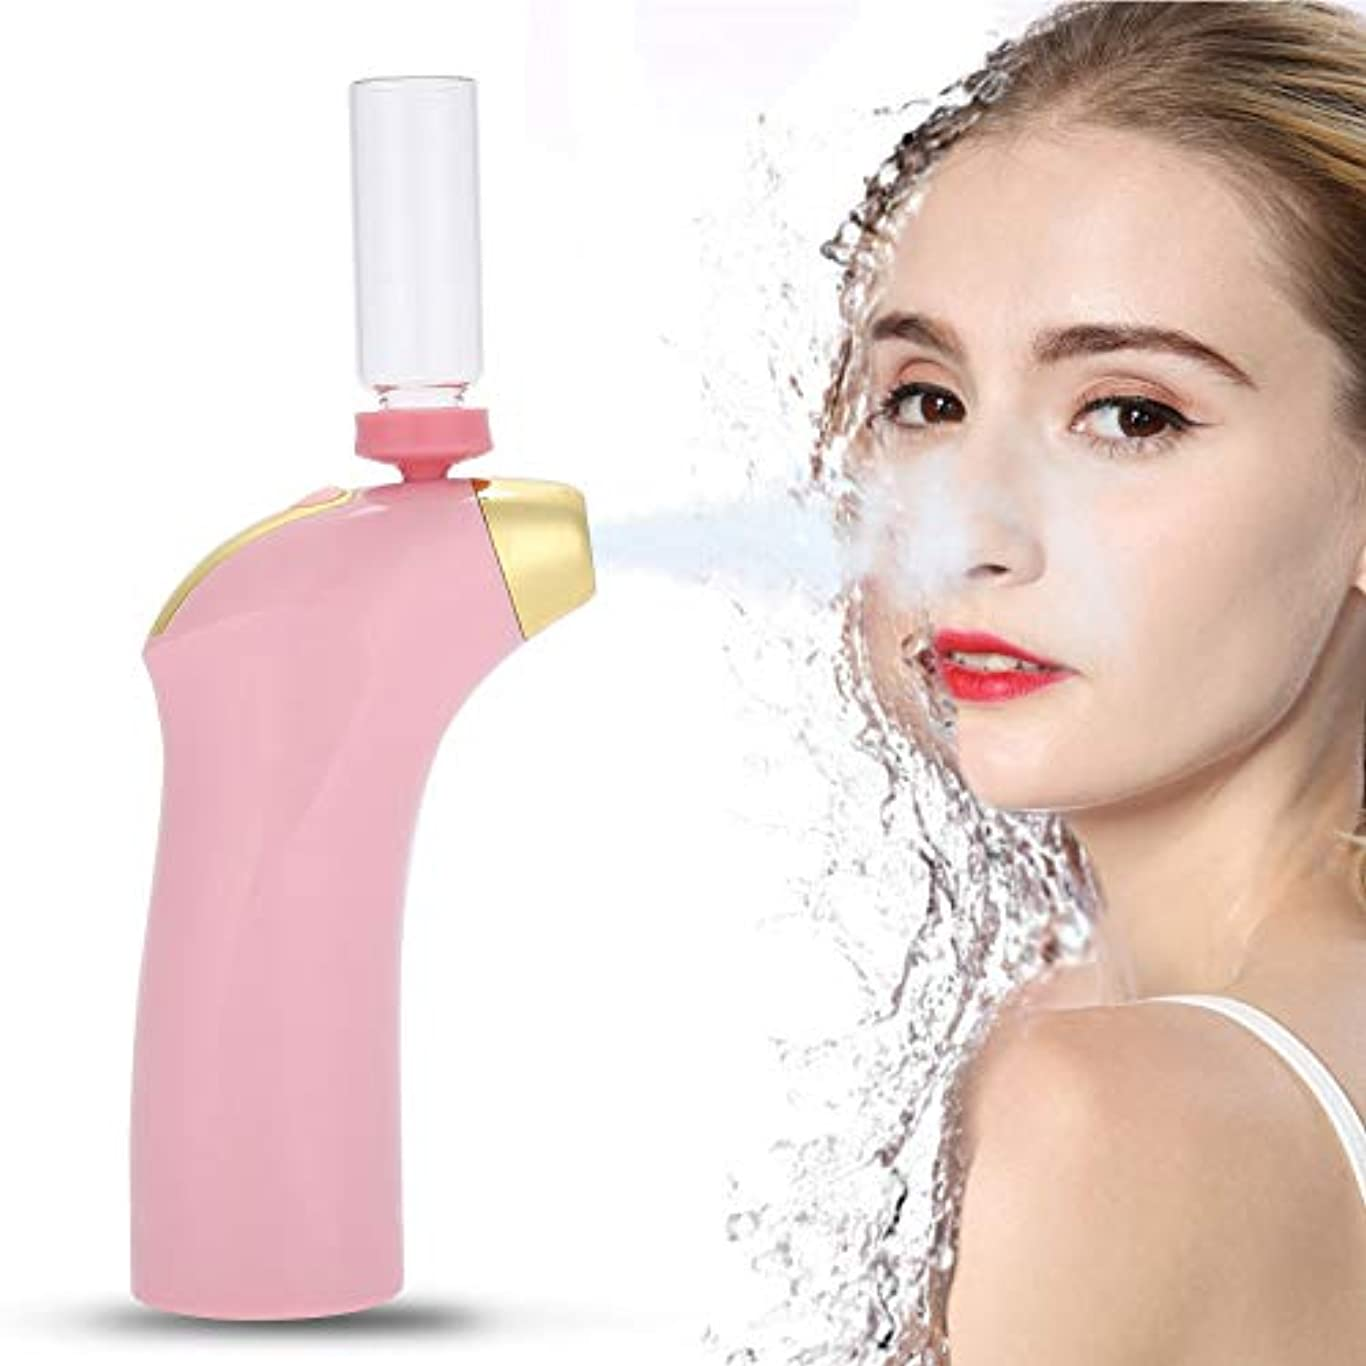 名前記憶帳面専門の酸素の注入のスプレーガン - 顔の皮の若返りの美機械、顔の美の器械、引き締まる皮は、肌の色合い、色素形成を改善します